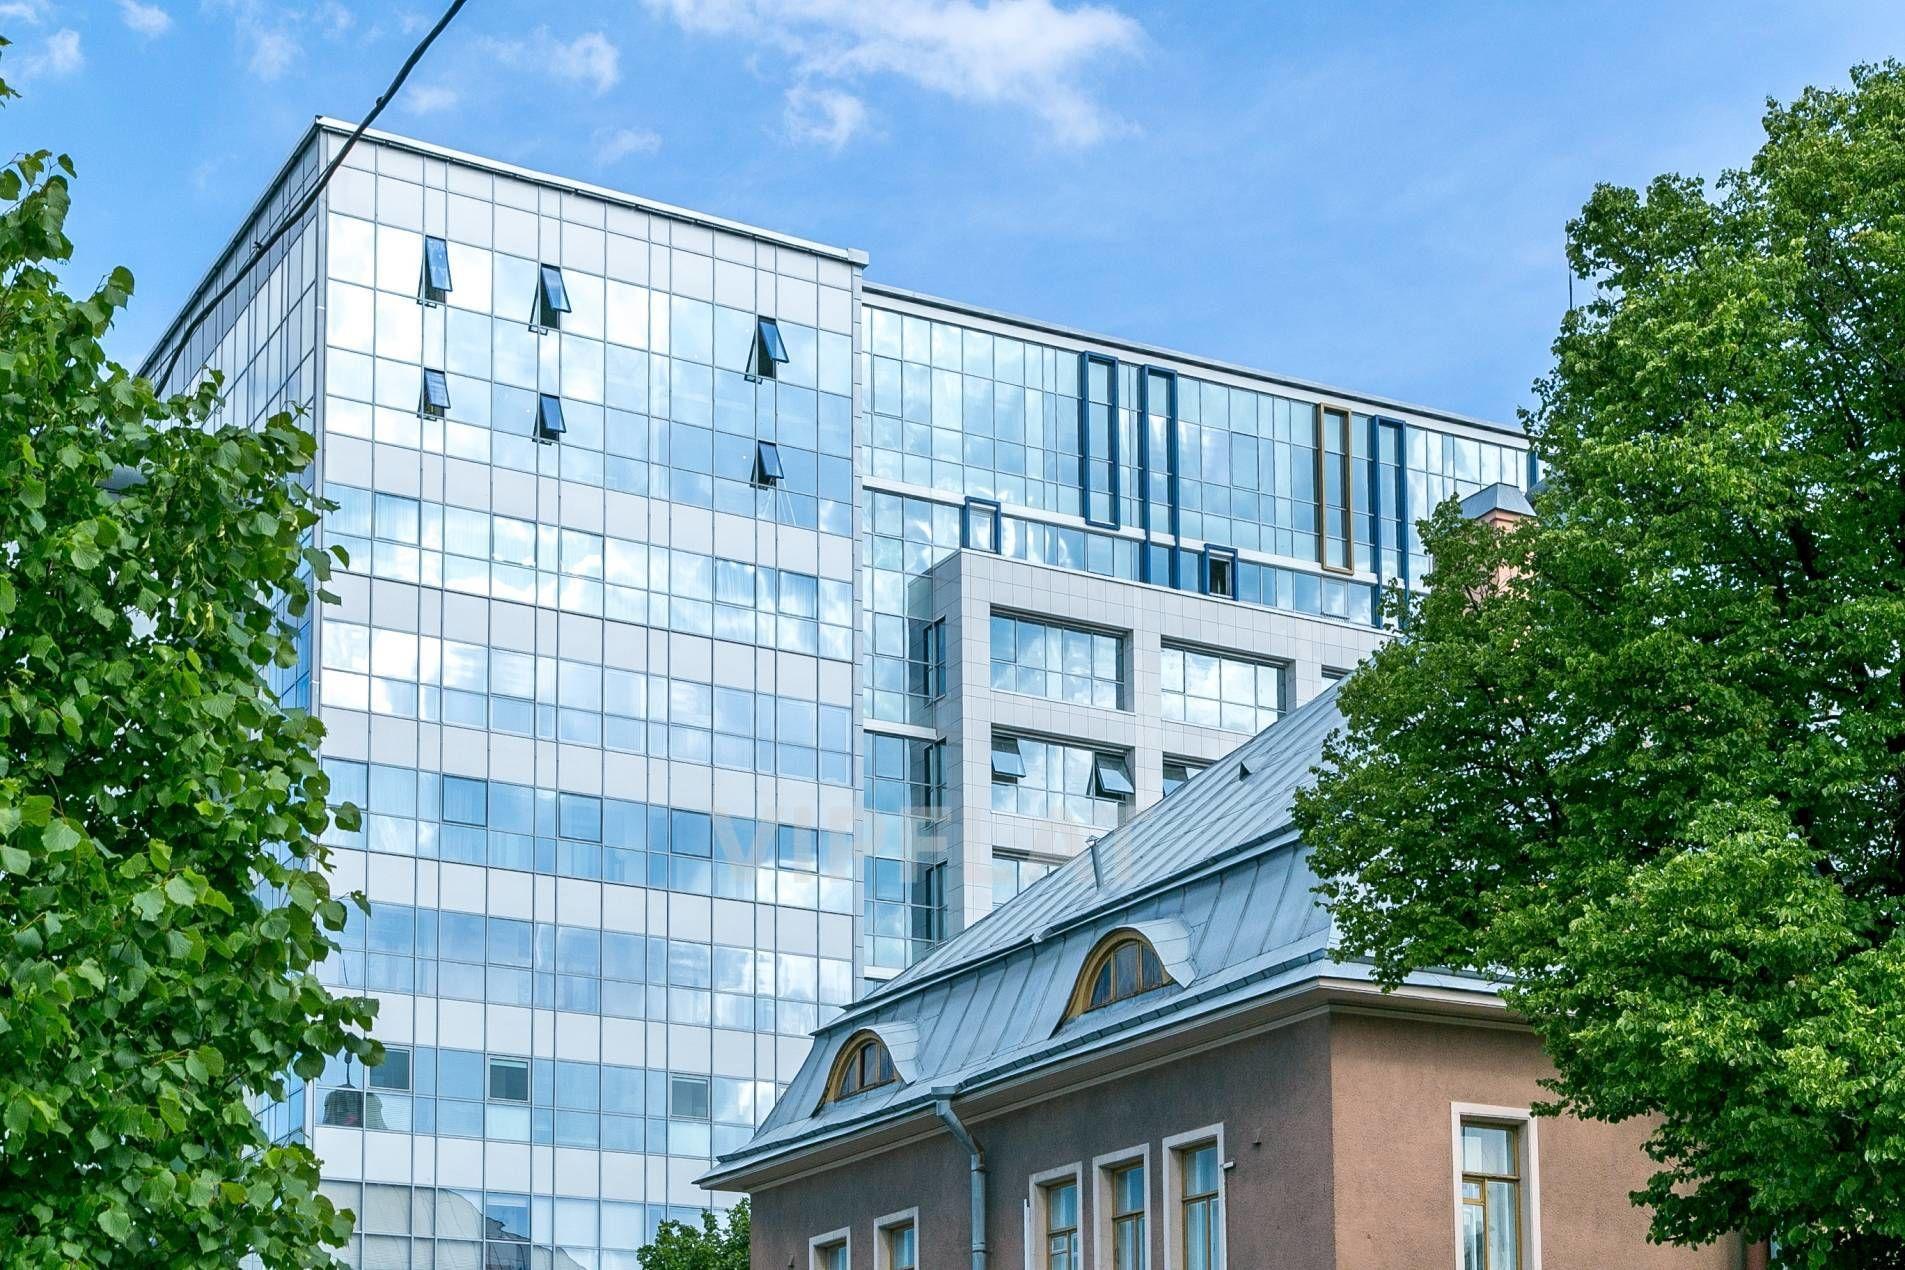 Продажа элитных квартир Санкт-Петербурга. Грота ул., 1-3 Небо отражается в стеклянных фасадах